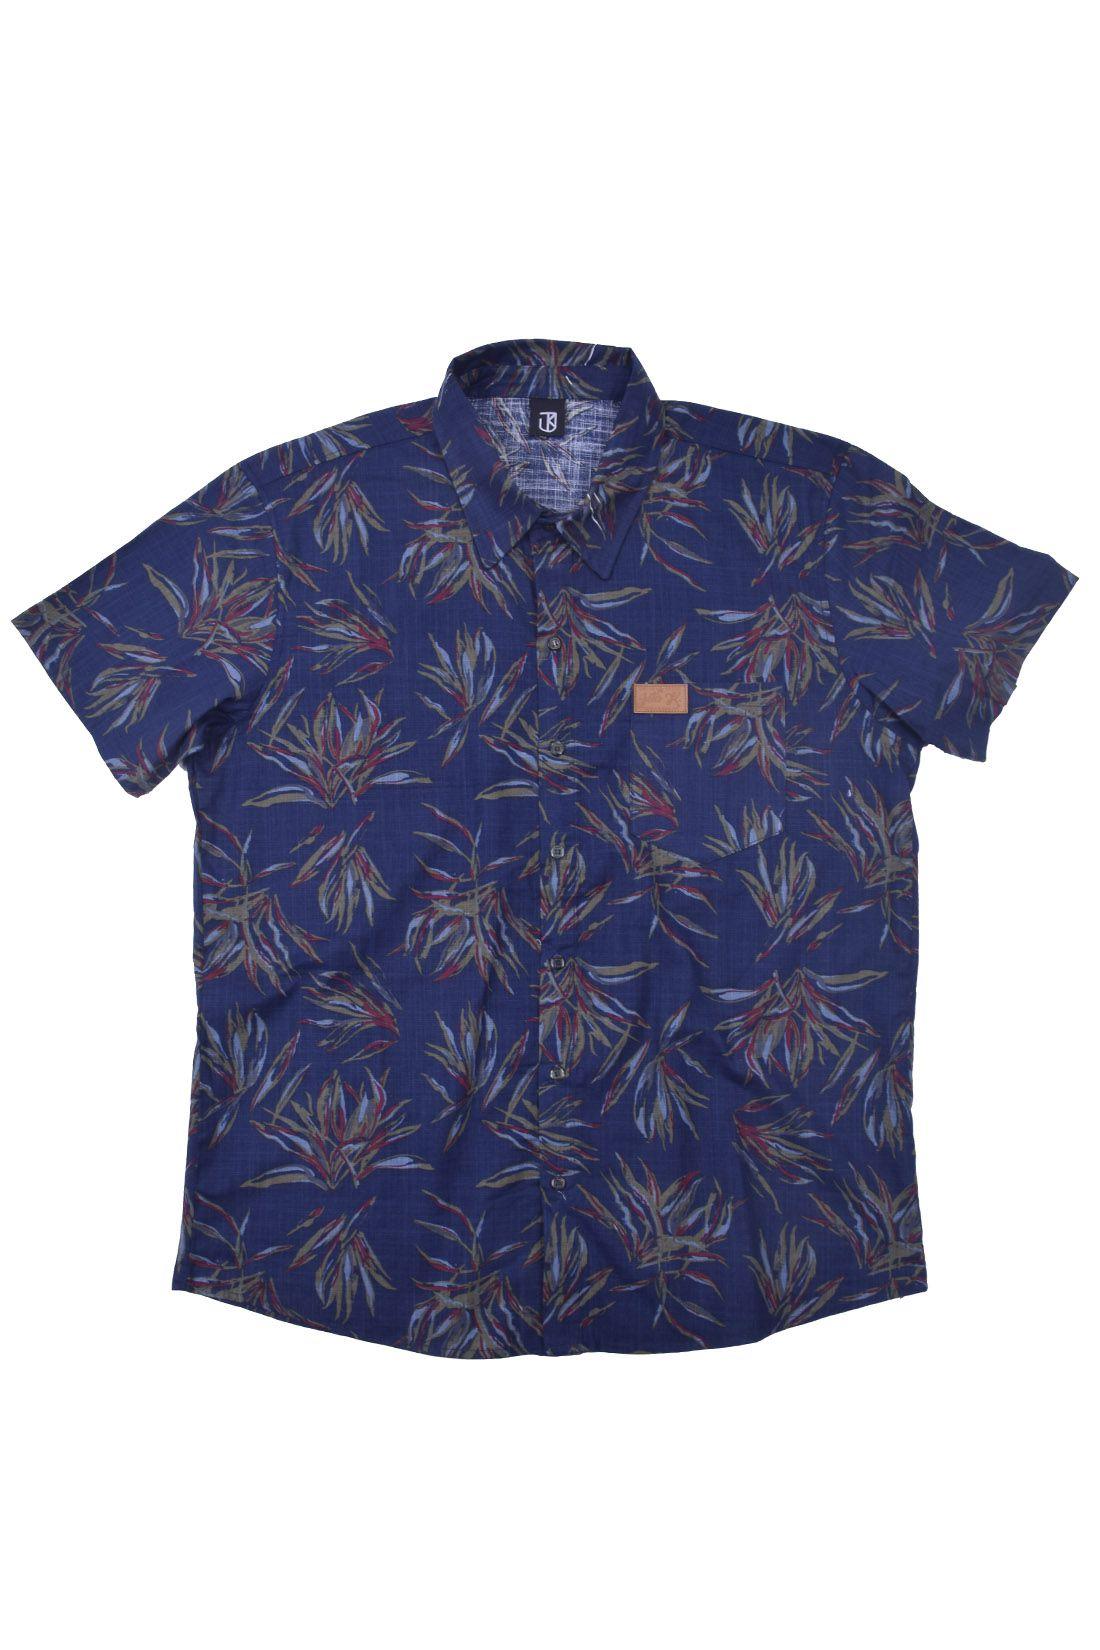 Camisa Floral Extra Jota K